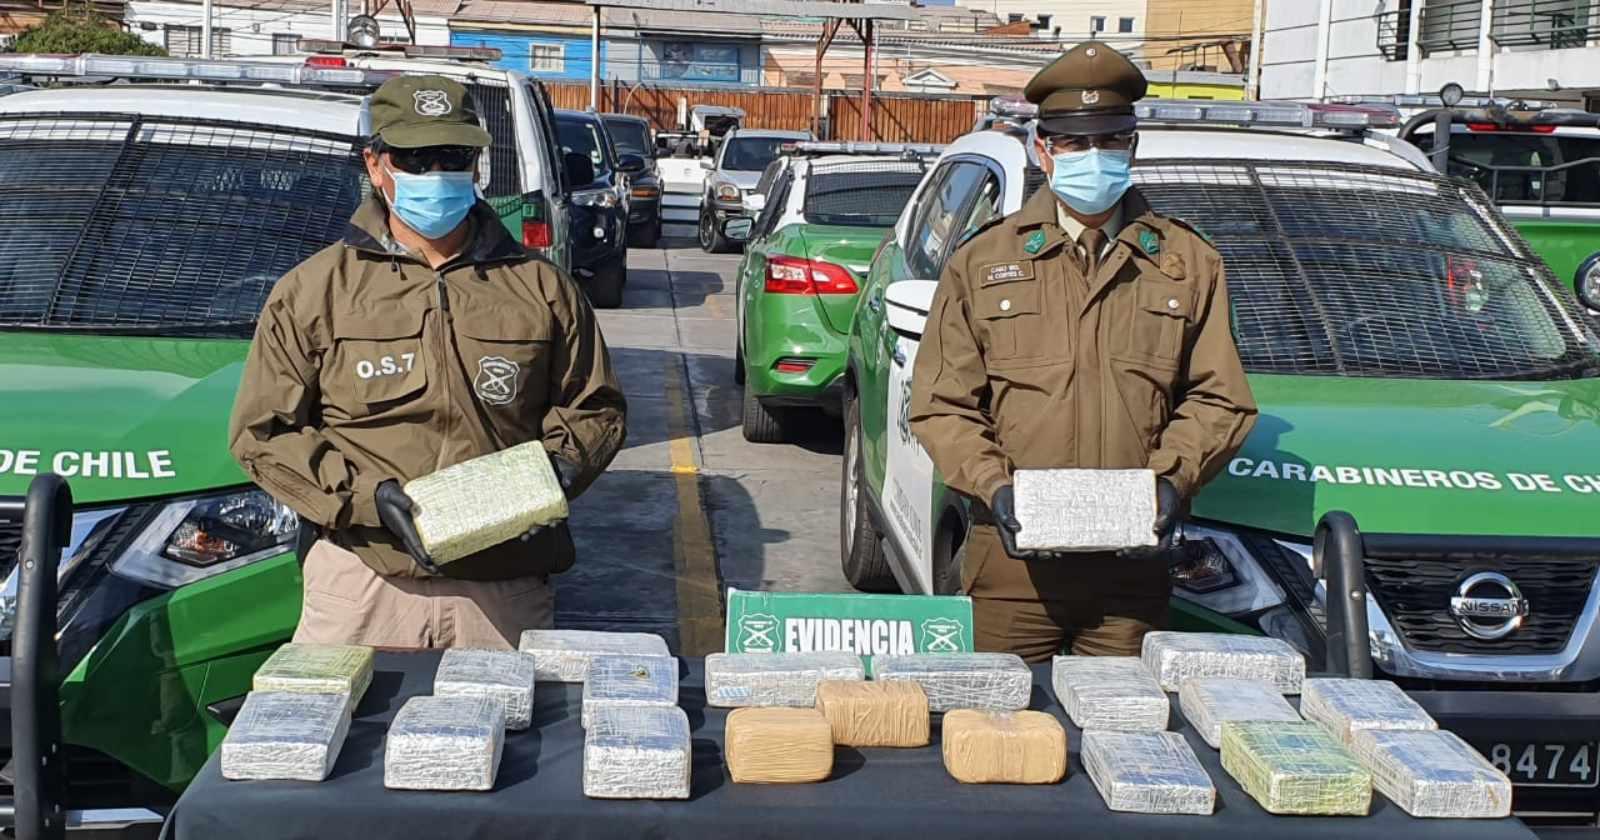 Portaba más de 52 mil dosis: detienen a taxista que distribuía drogas en Alto Hospicio